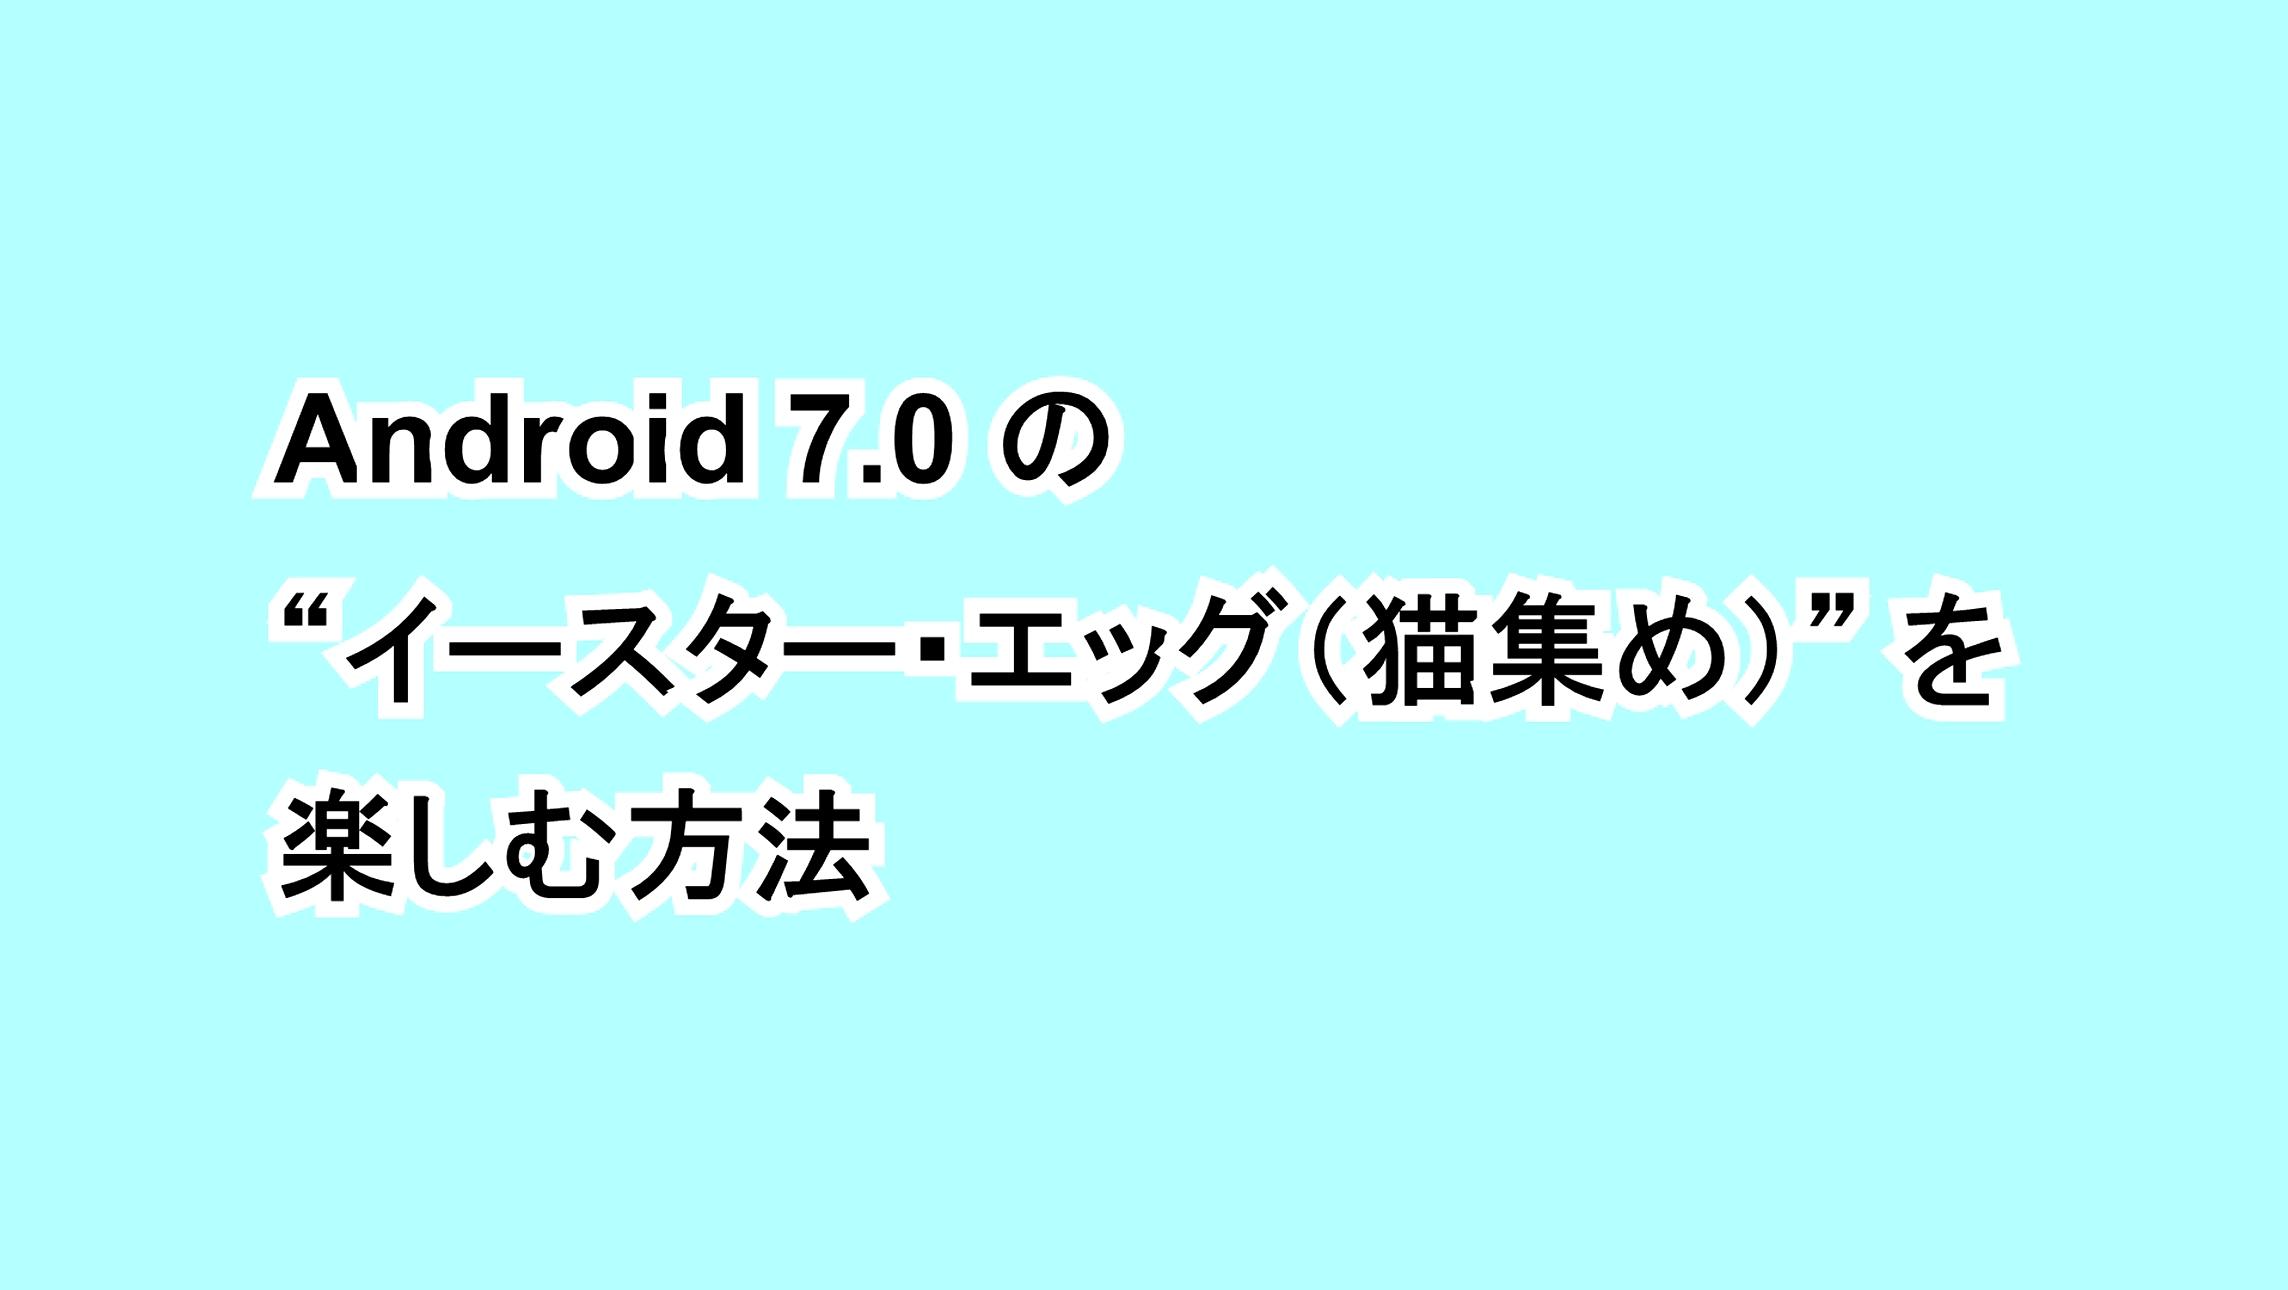 """Android 7.0 の""""イースター・エッグ(猫集め)""""を楽しむ方法"""